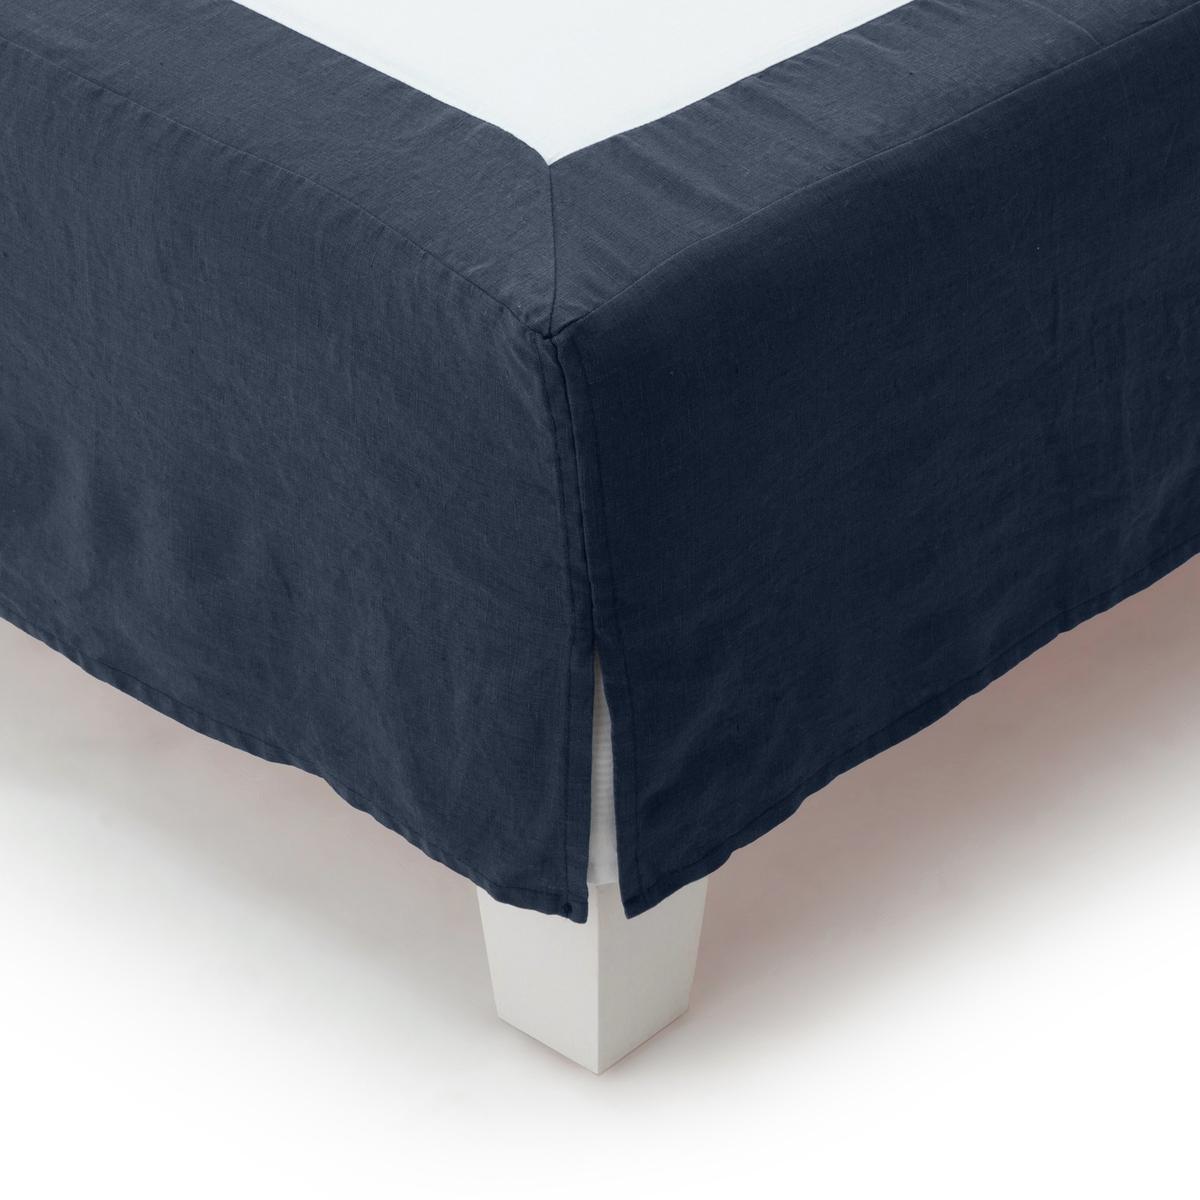 Чехол LaRedoute Для кровати 100 льна 90 x 190 см синий чехол laredoute для кровати 100 льна 160 x 200 см белый